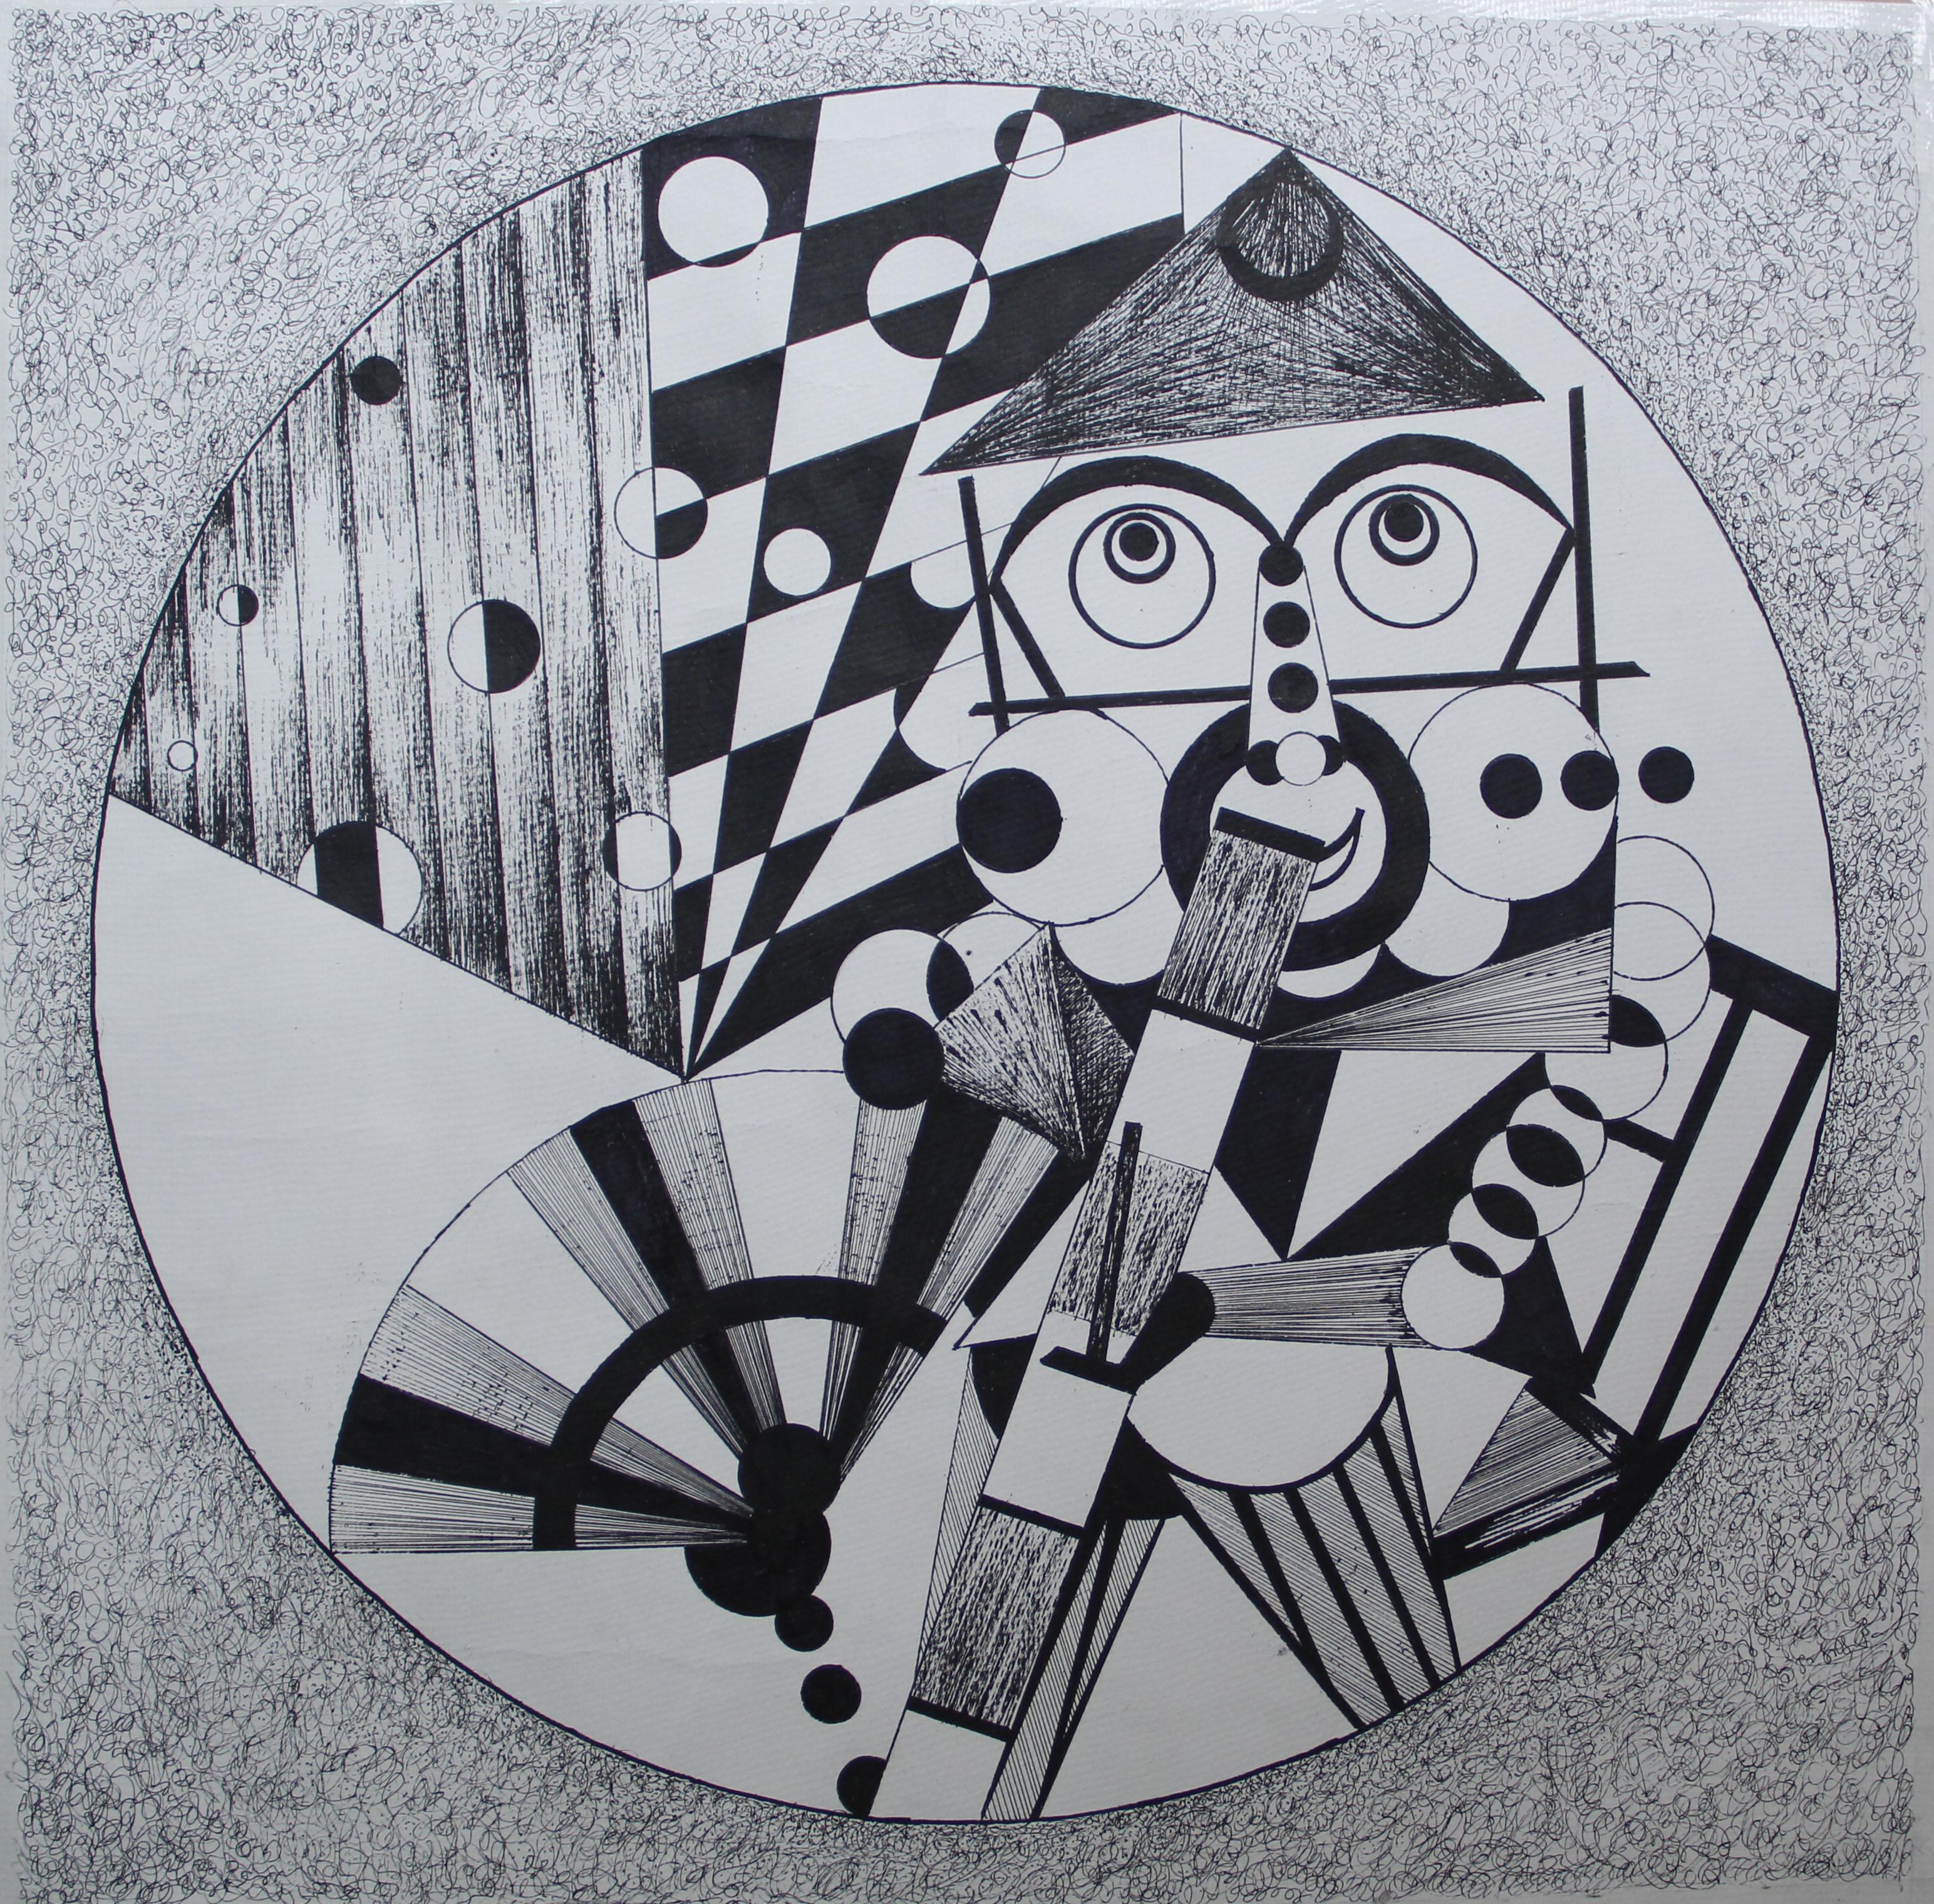 重组人体结构,用最基本几何形体抽象概括